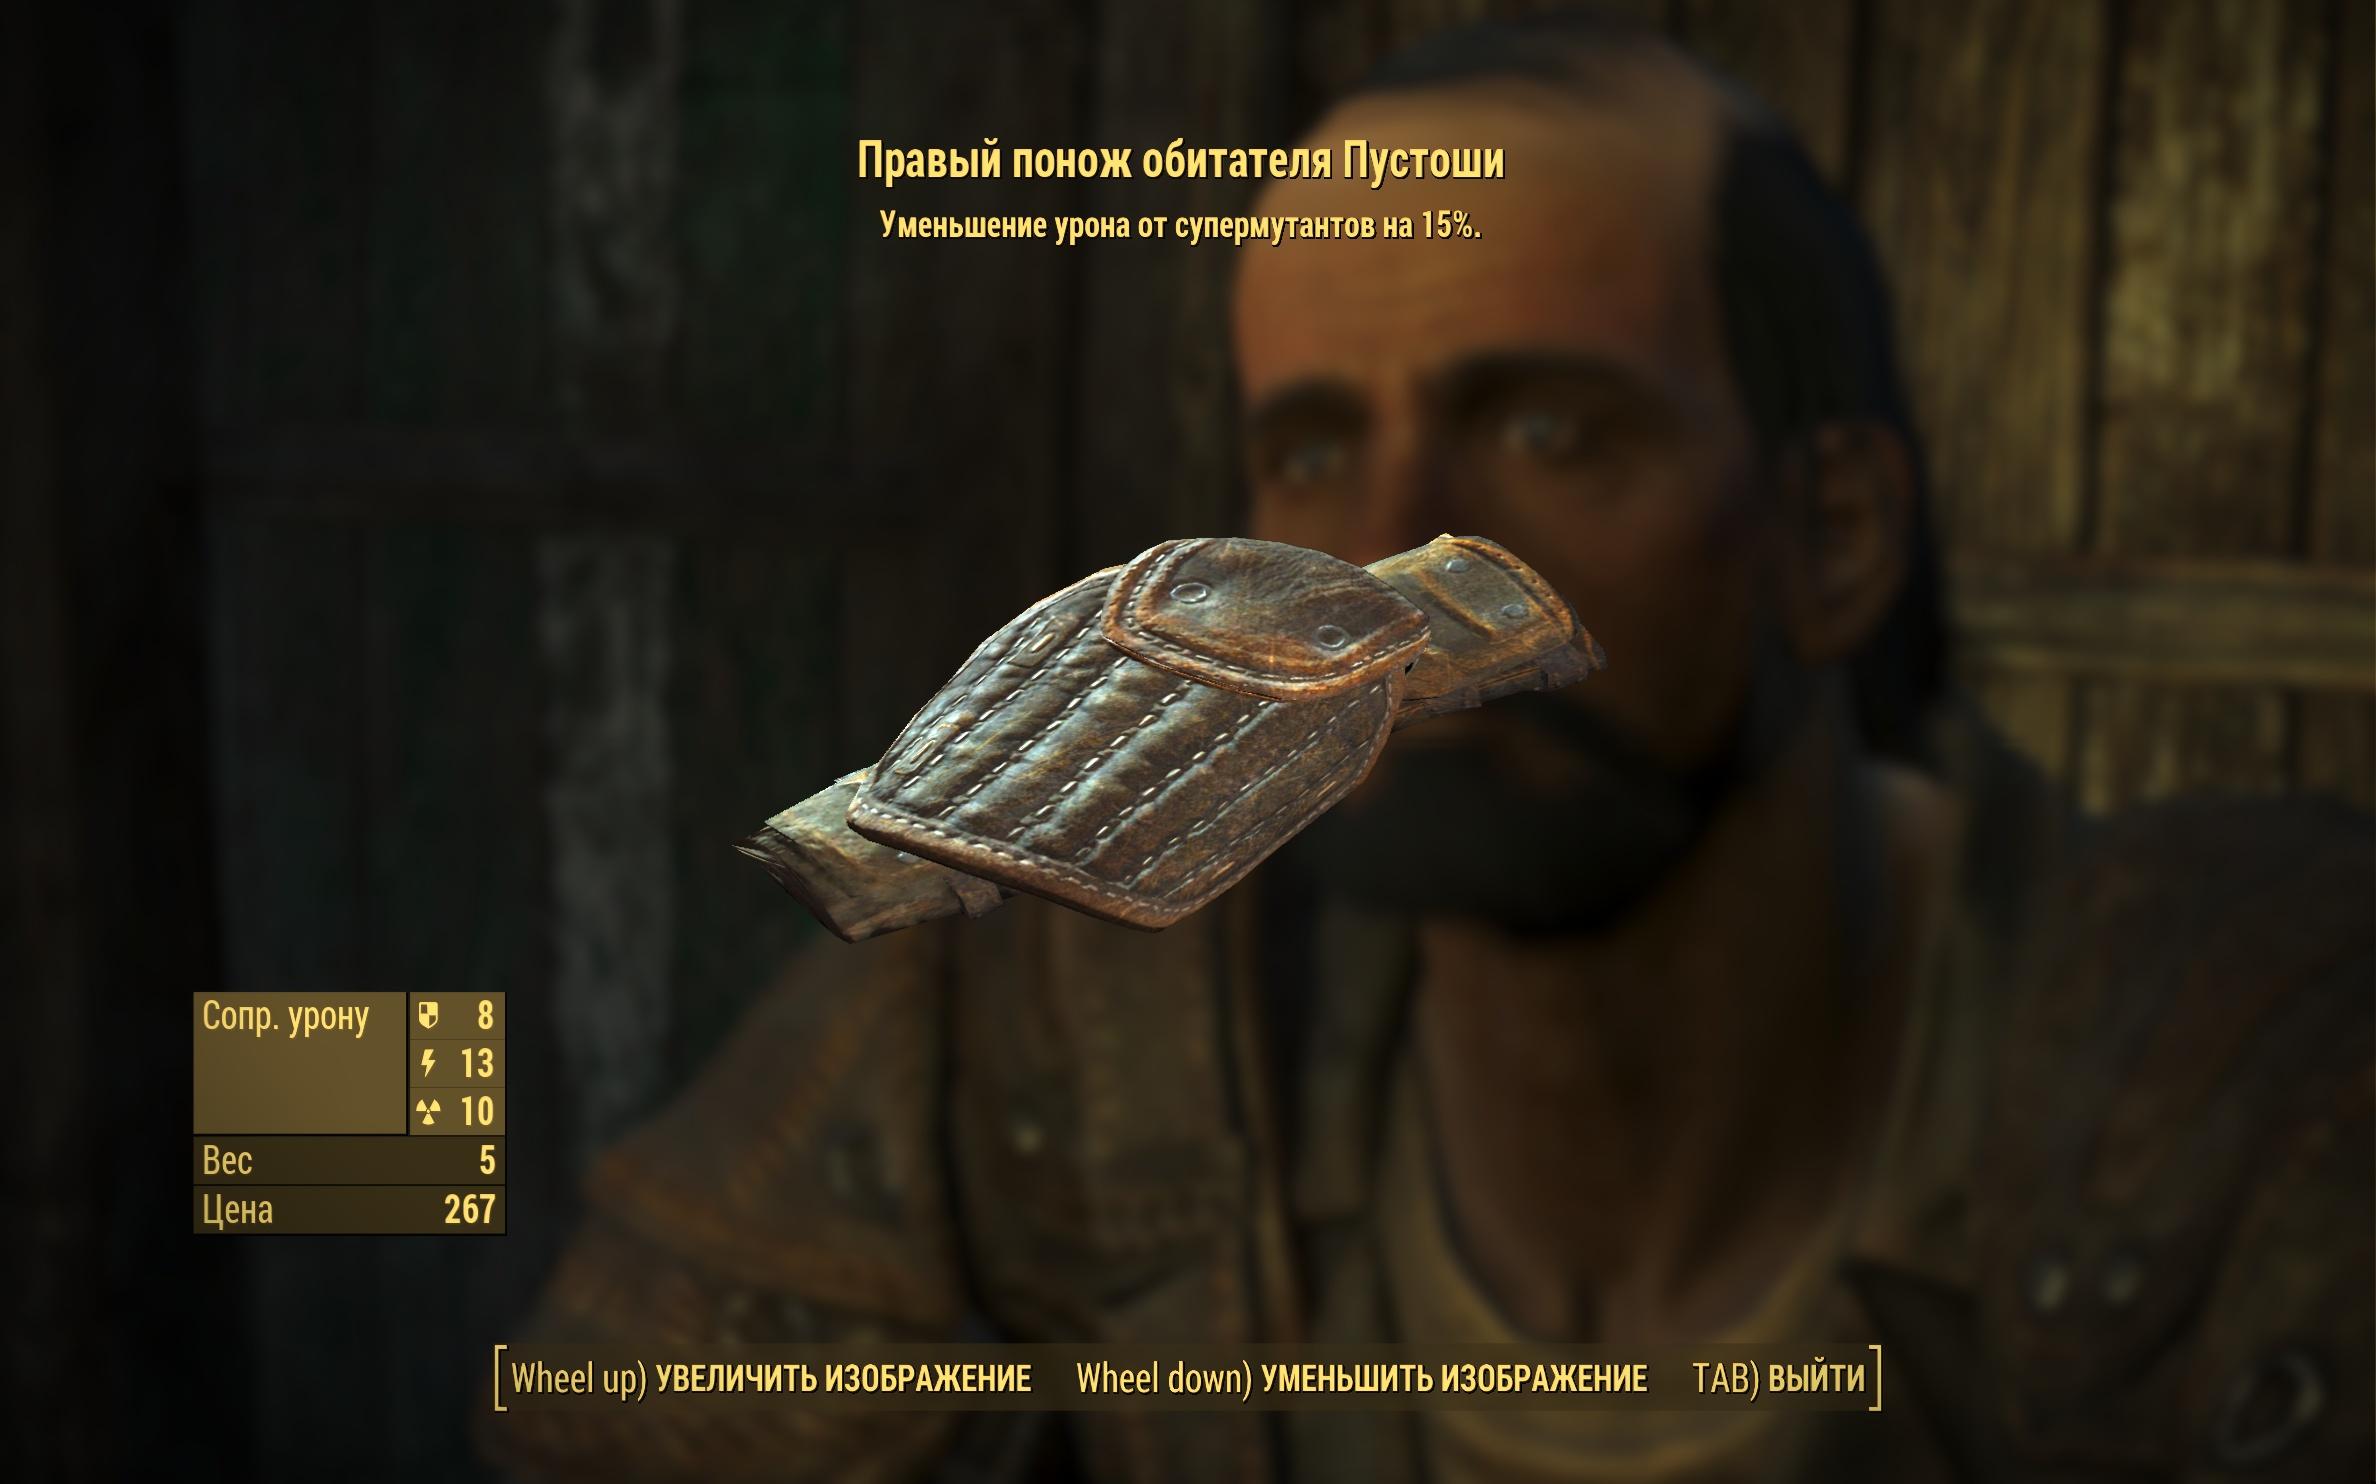 Правый понож обитателя Пустоши - Fallout 4 обитатель, Одежда, понож, Правый, Пустошь